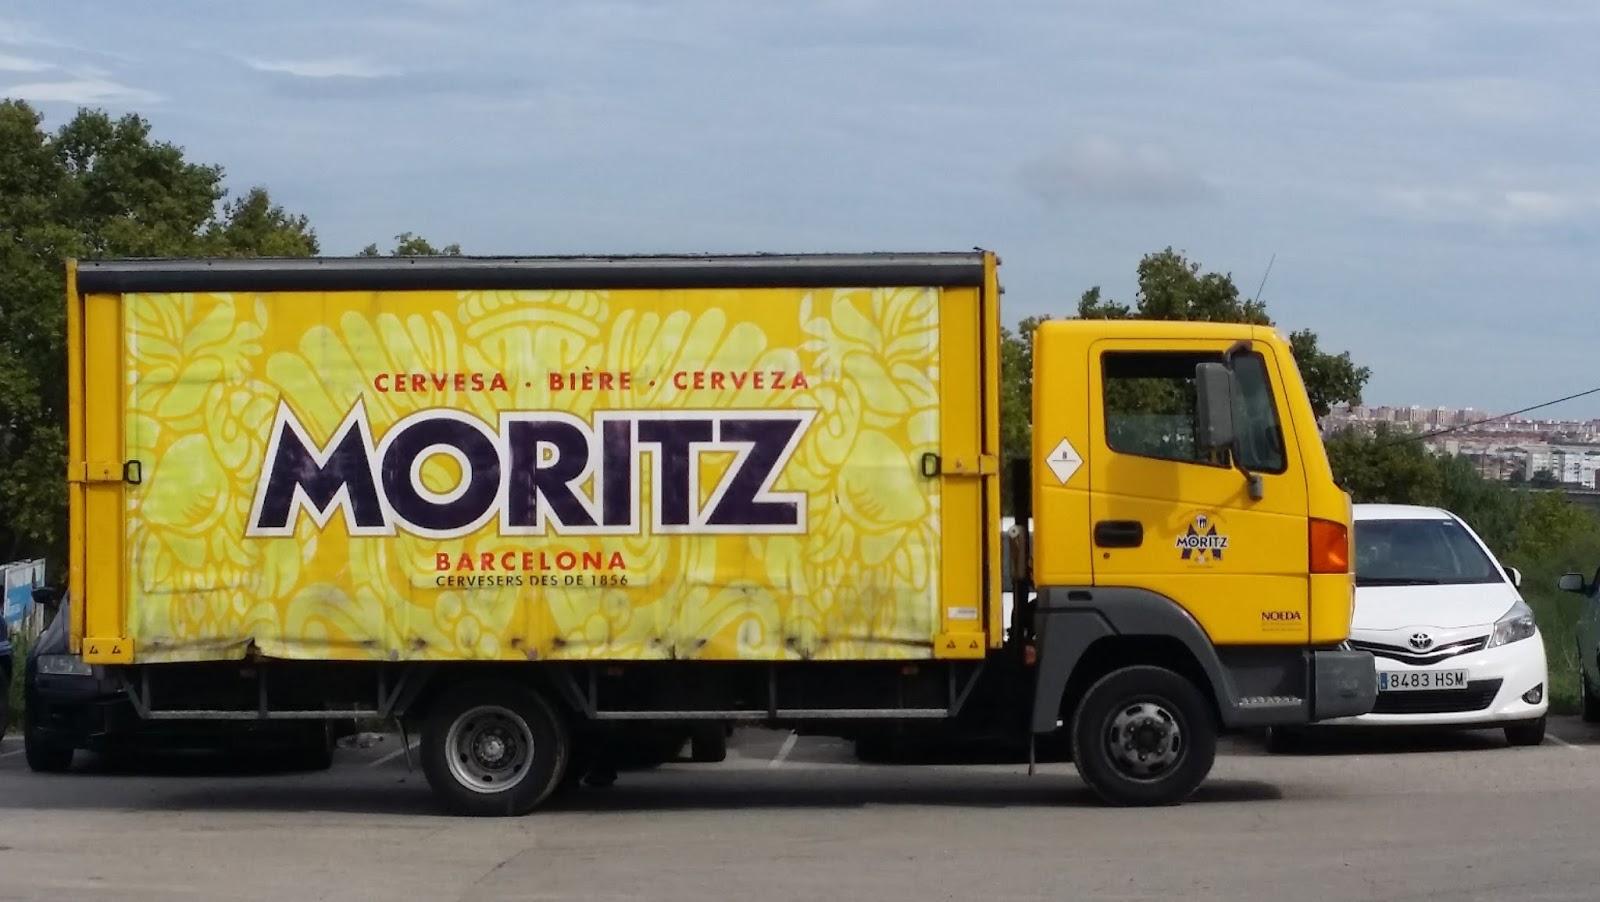 El arte de la cerveza cervezas espa olas moritz marcas for Oficina patentes y marcas barcelona